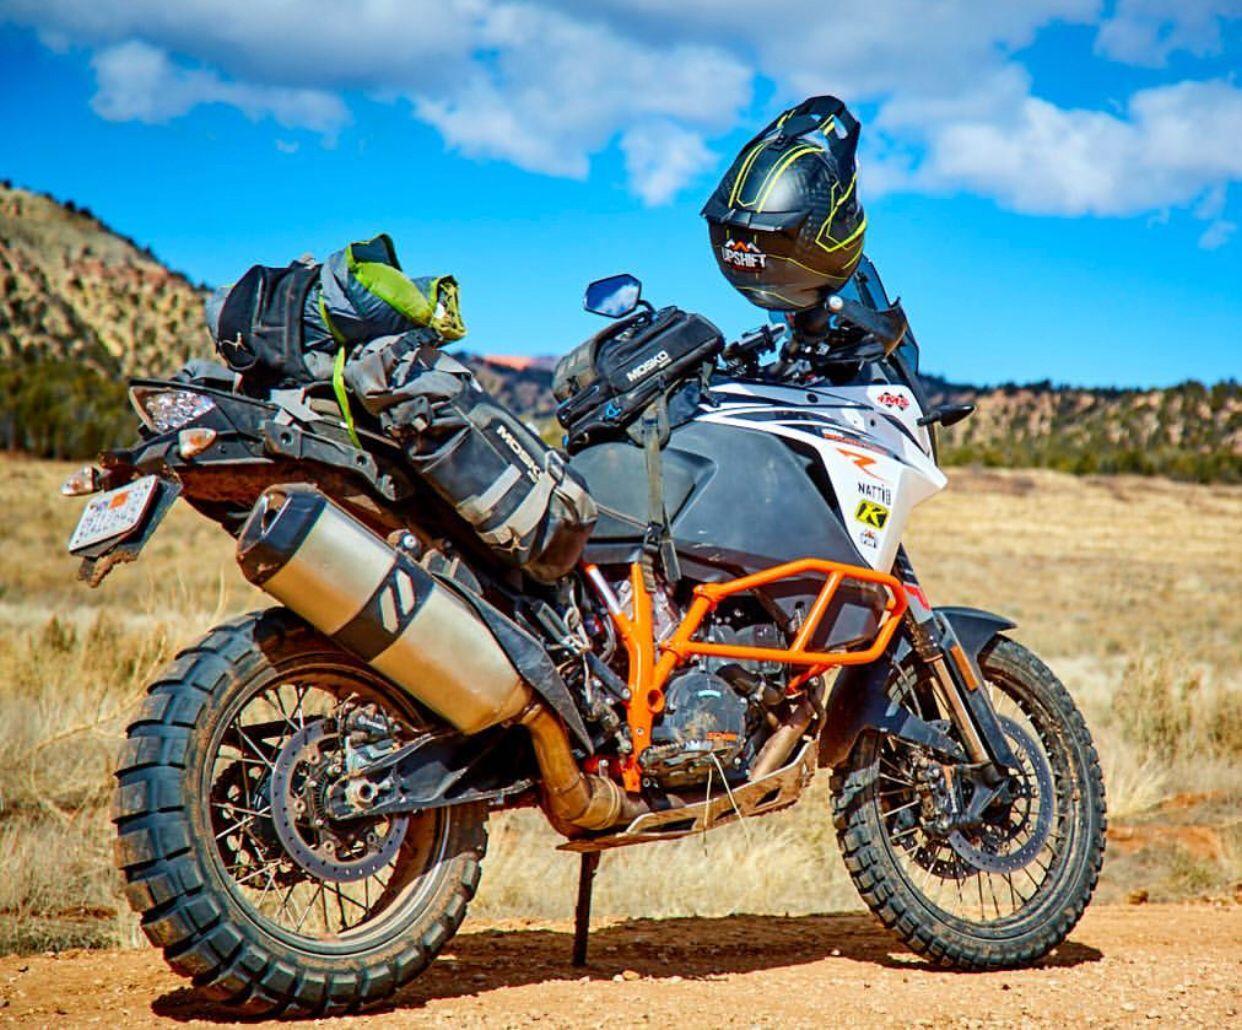 Upshift Moto Camping Adventure Bike Adventure Bike Motorcycles Adventure Motorcycling